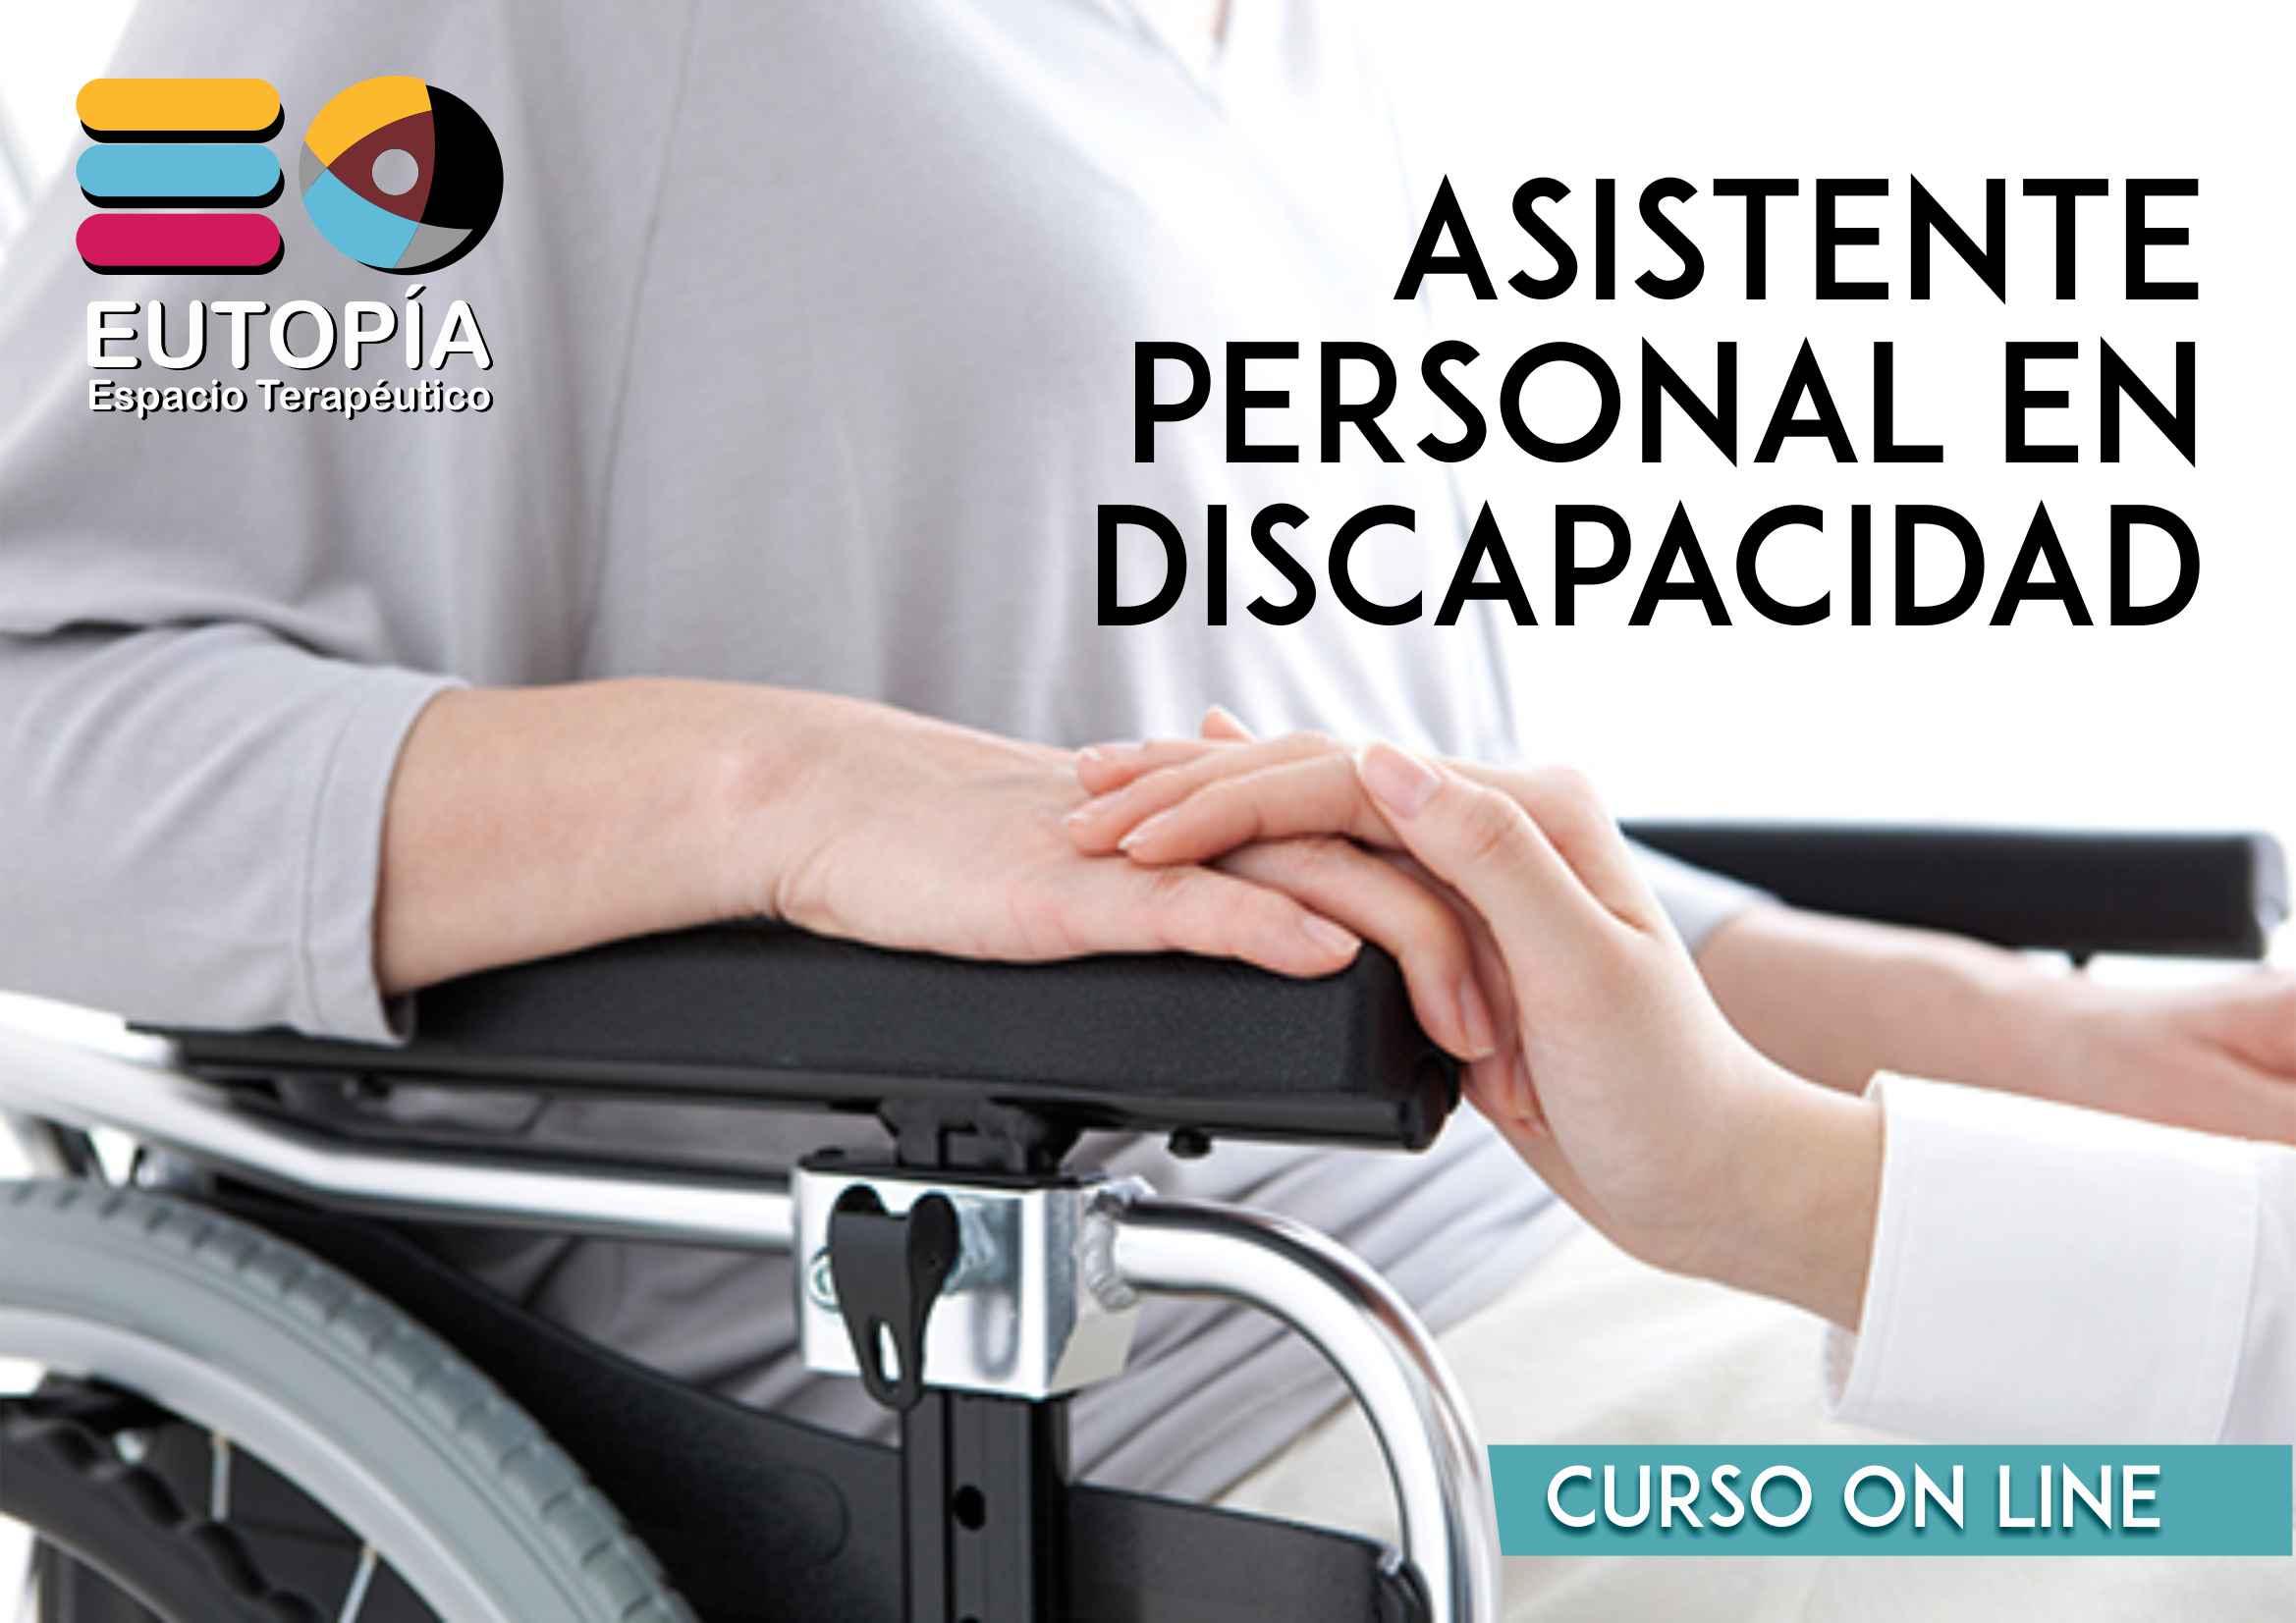 Asistente Personal en Discapacidad